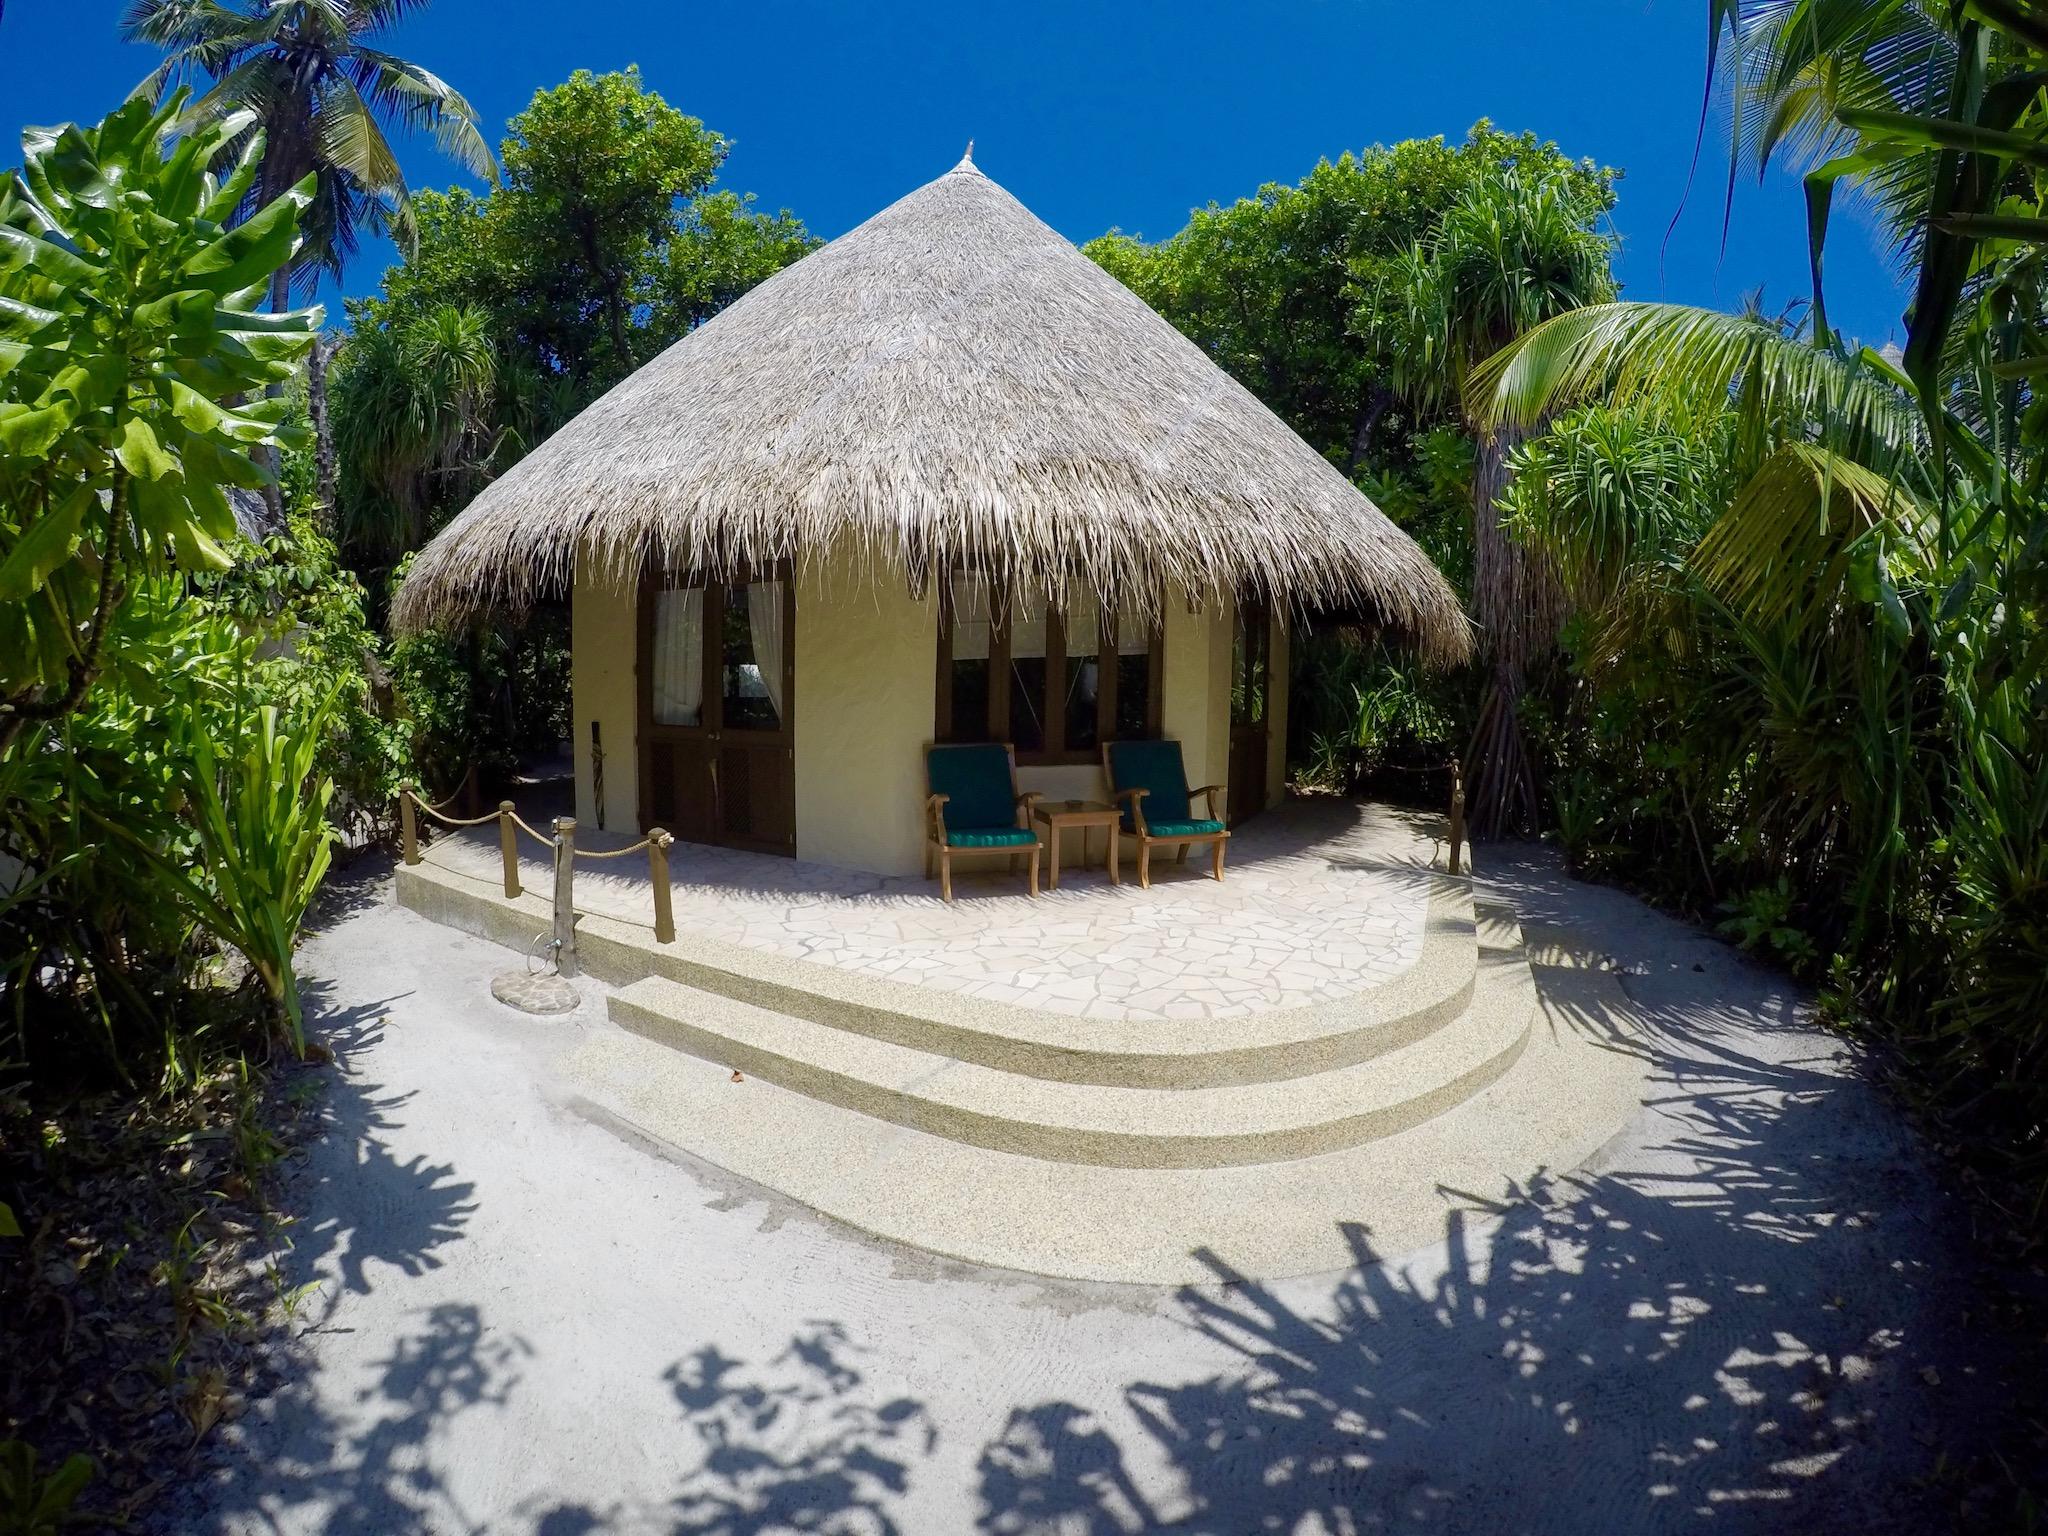 Beach Vila: Der erste Morgen auf den Malediven – angekommen im Paradies. Foto: Sascha Tegtmeyer Reisebericht Malediven Tipps